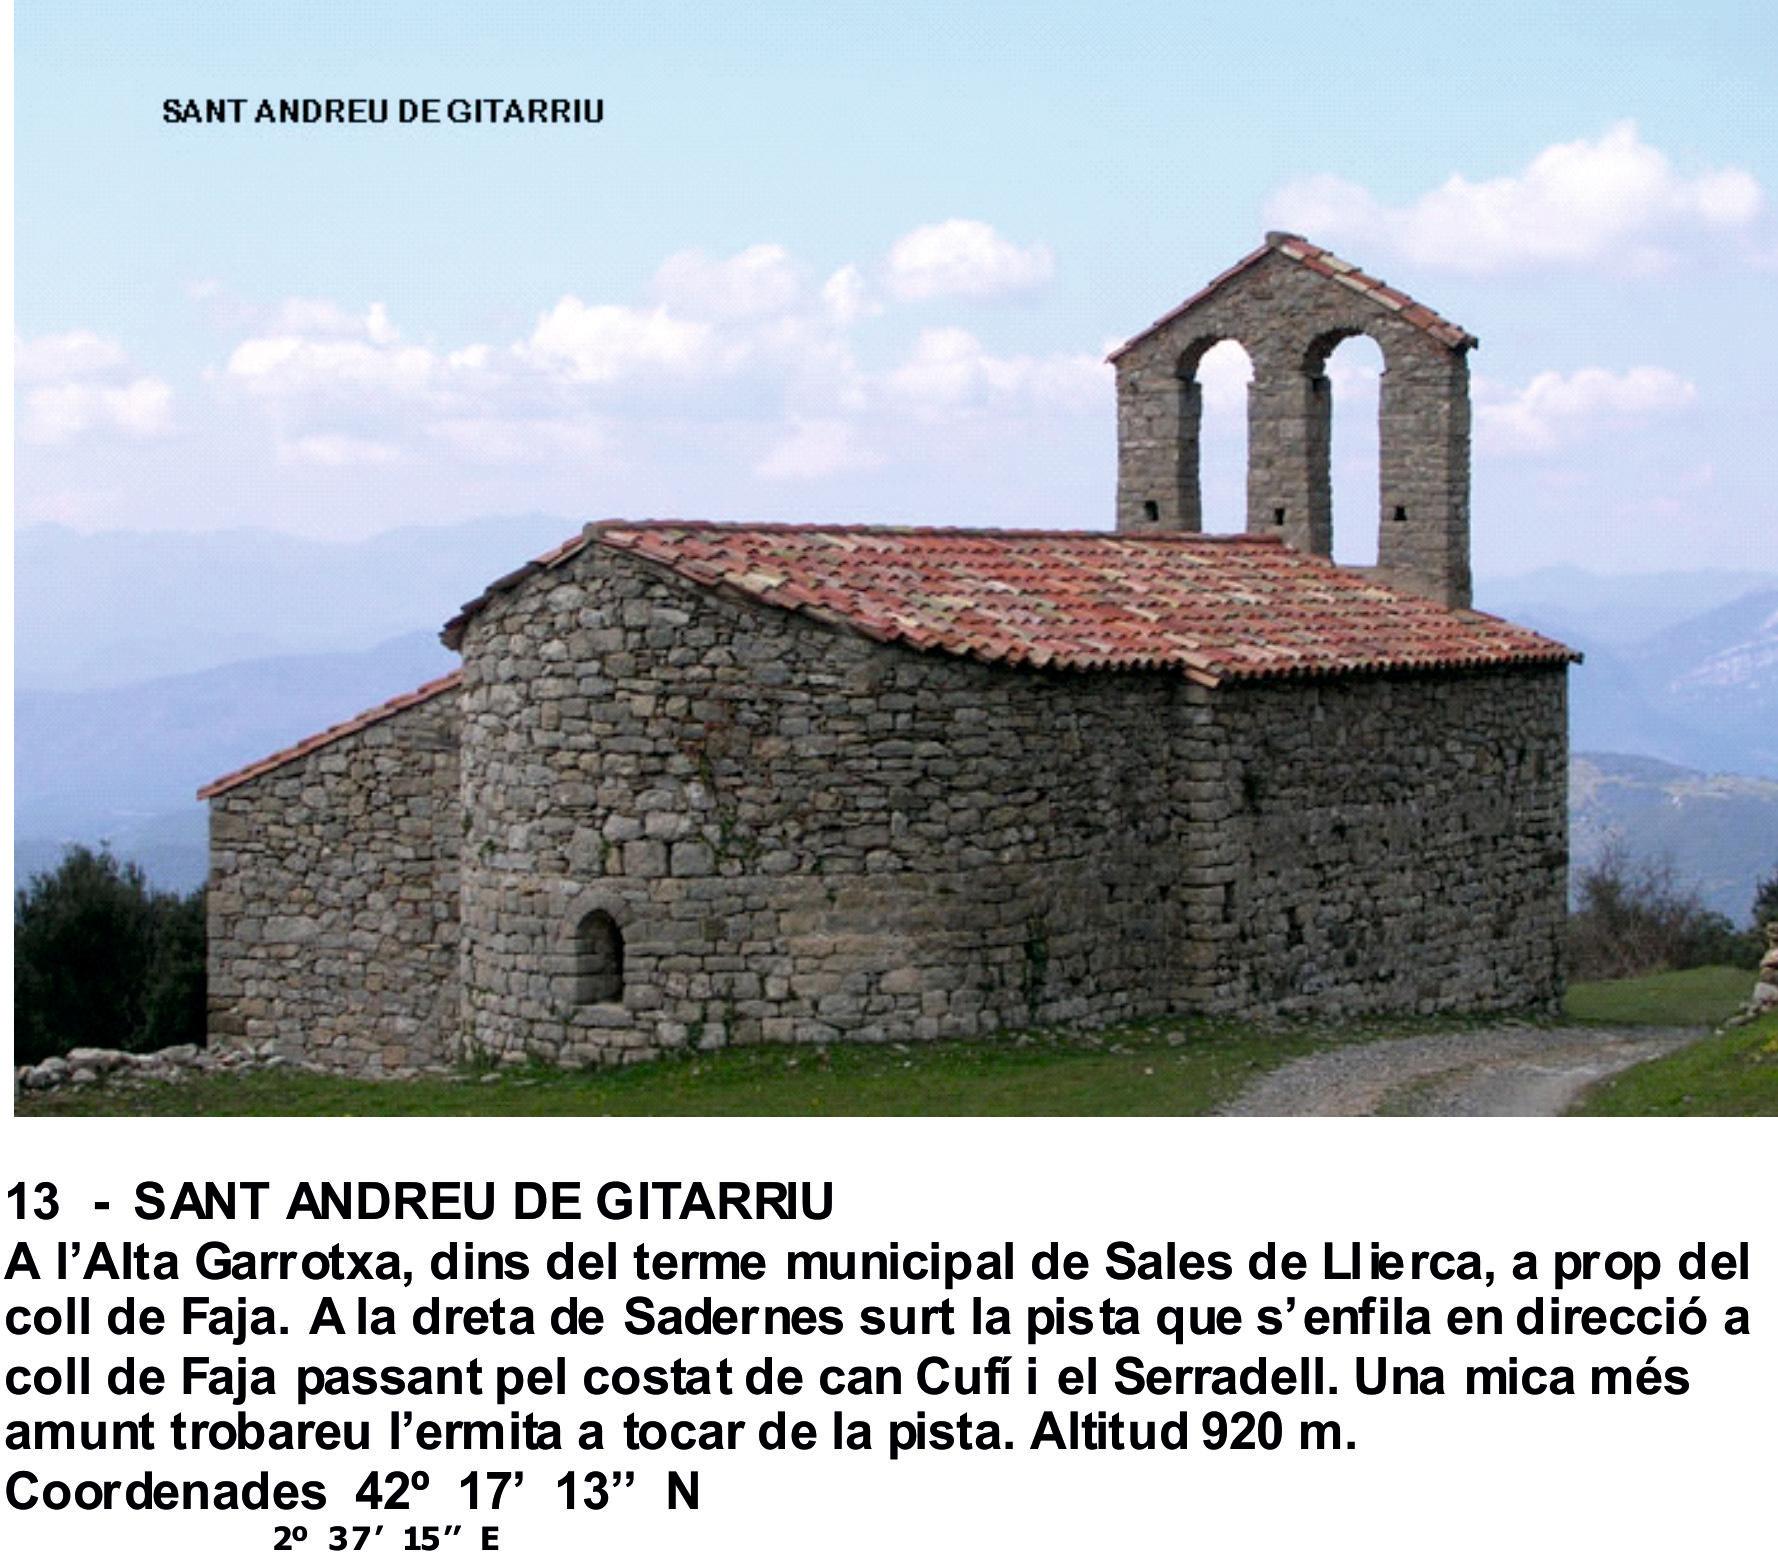 13  -  SANT ANDREU DE GITARRIU